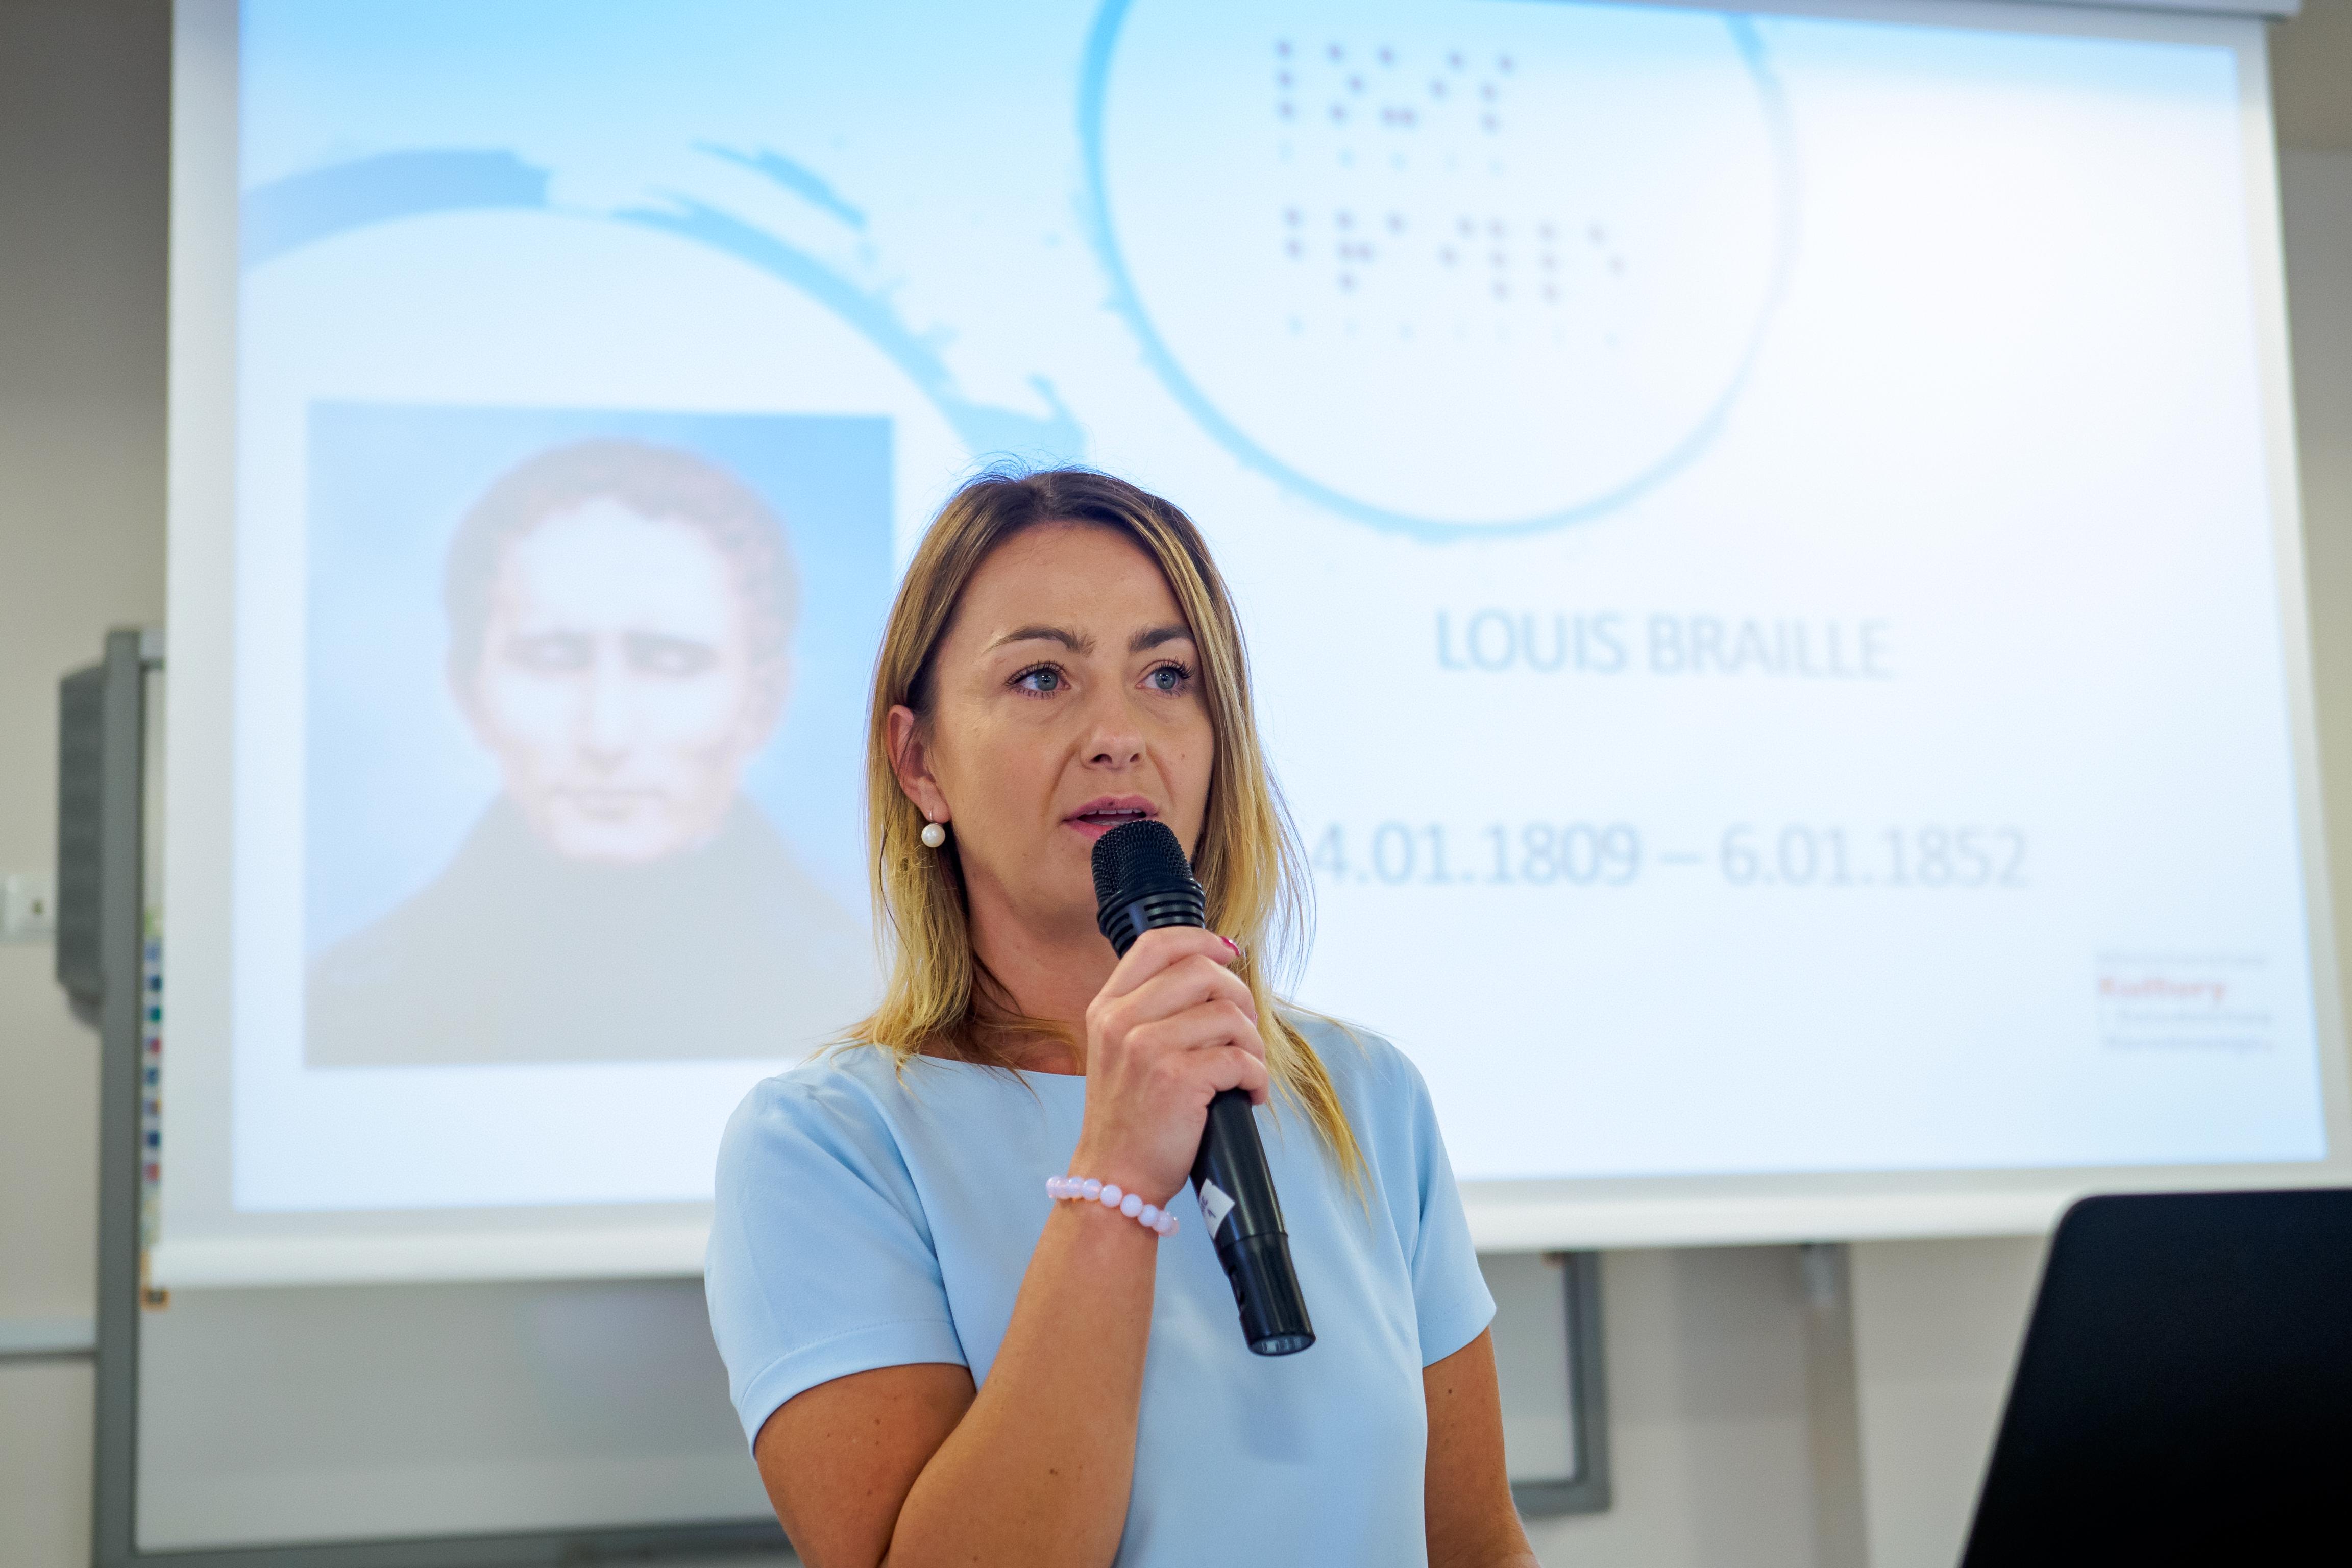 Kobieta z mikrofonem. W tle prezentacja dotycząca Louise Braille'a.